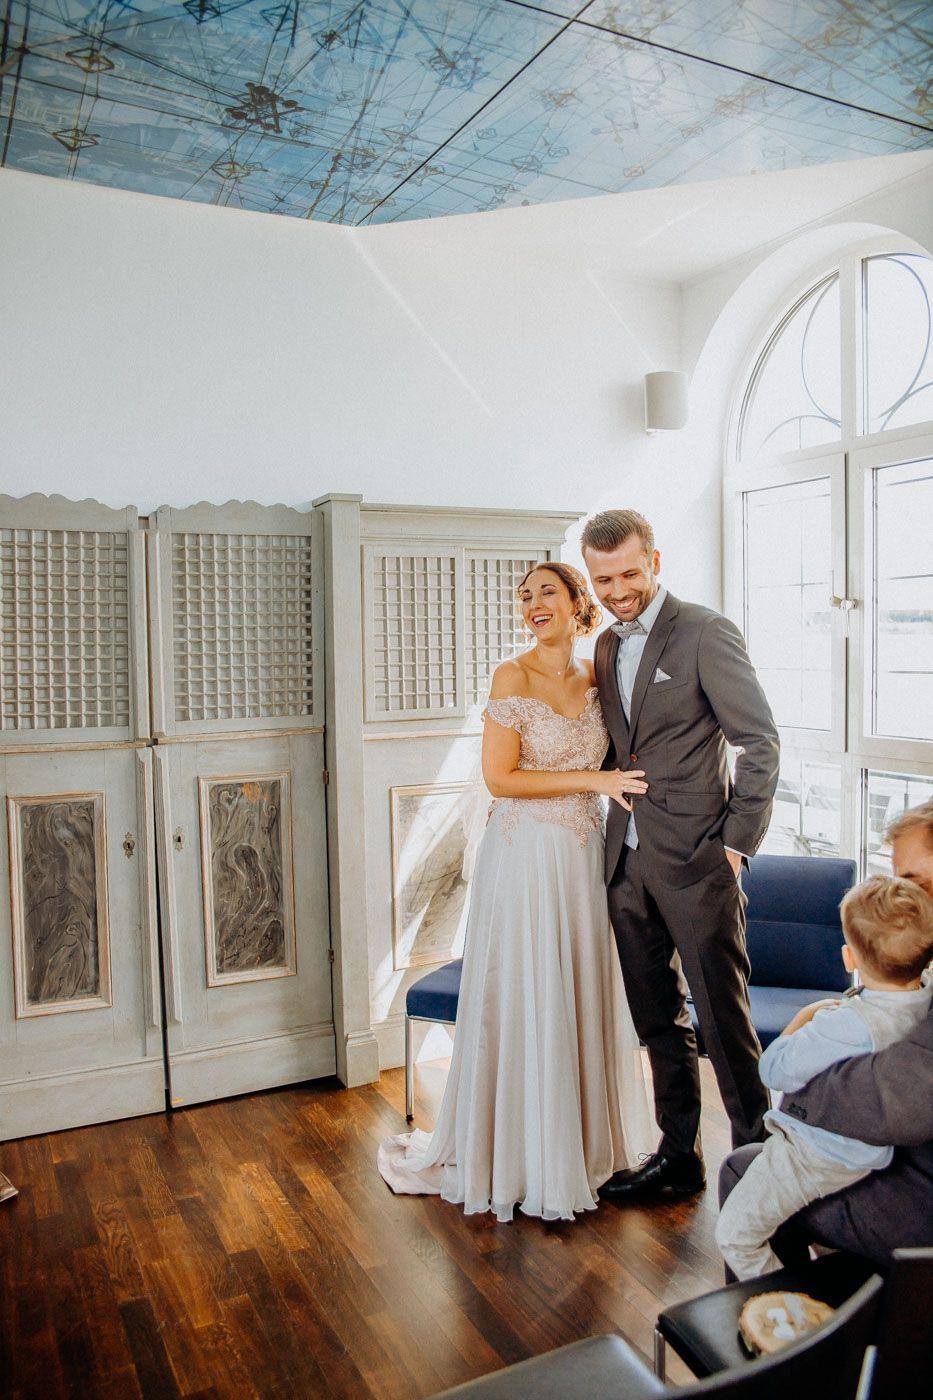 Hochzeit Auf Der Vineta Seehochzeit Bei Leipzig Hochzeitsfotografie Anne Kramer Hochzeitsfotografie Hochzeit Am Wasser Fotograf Leipzig